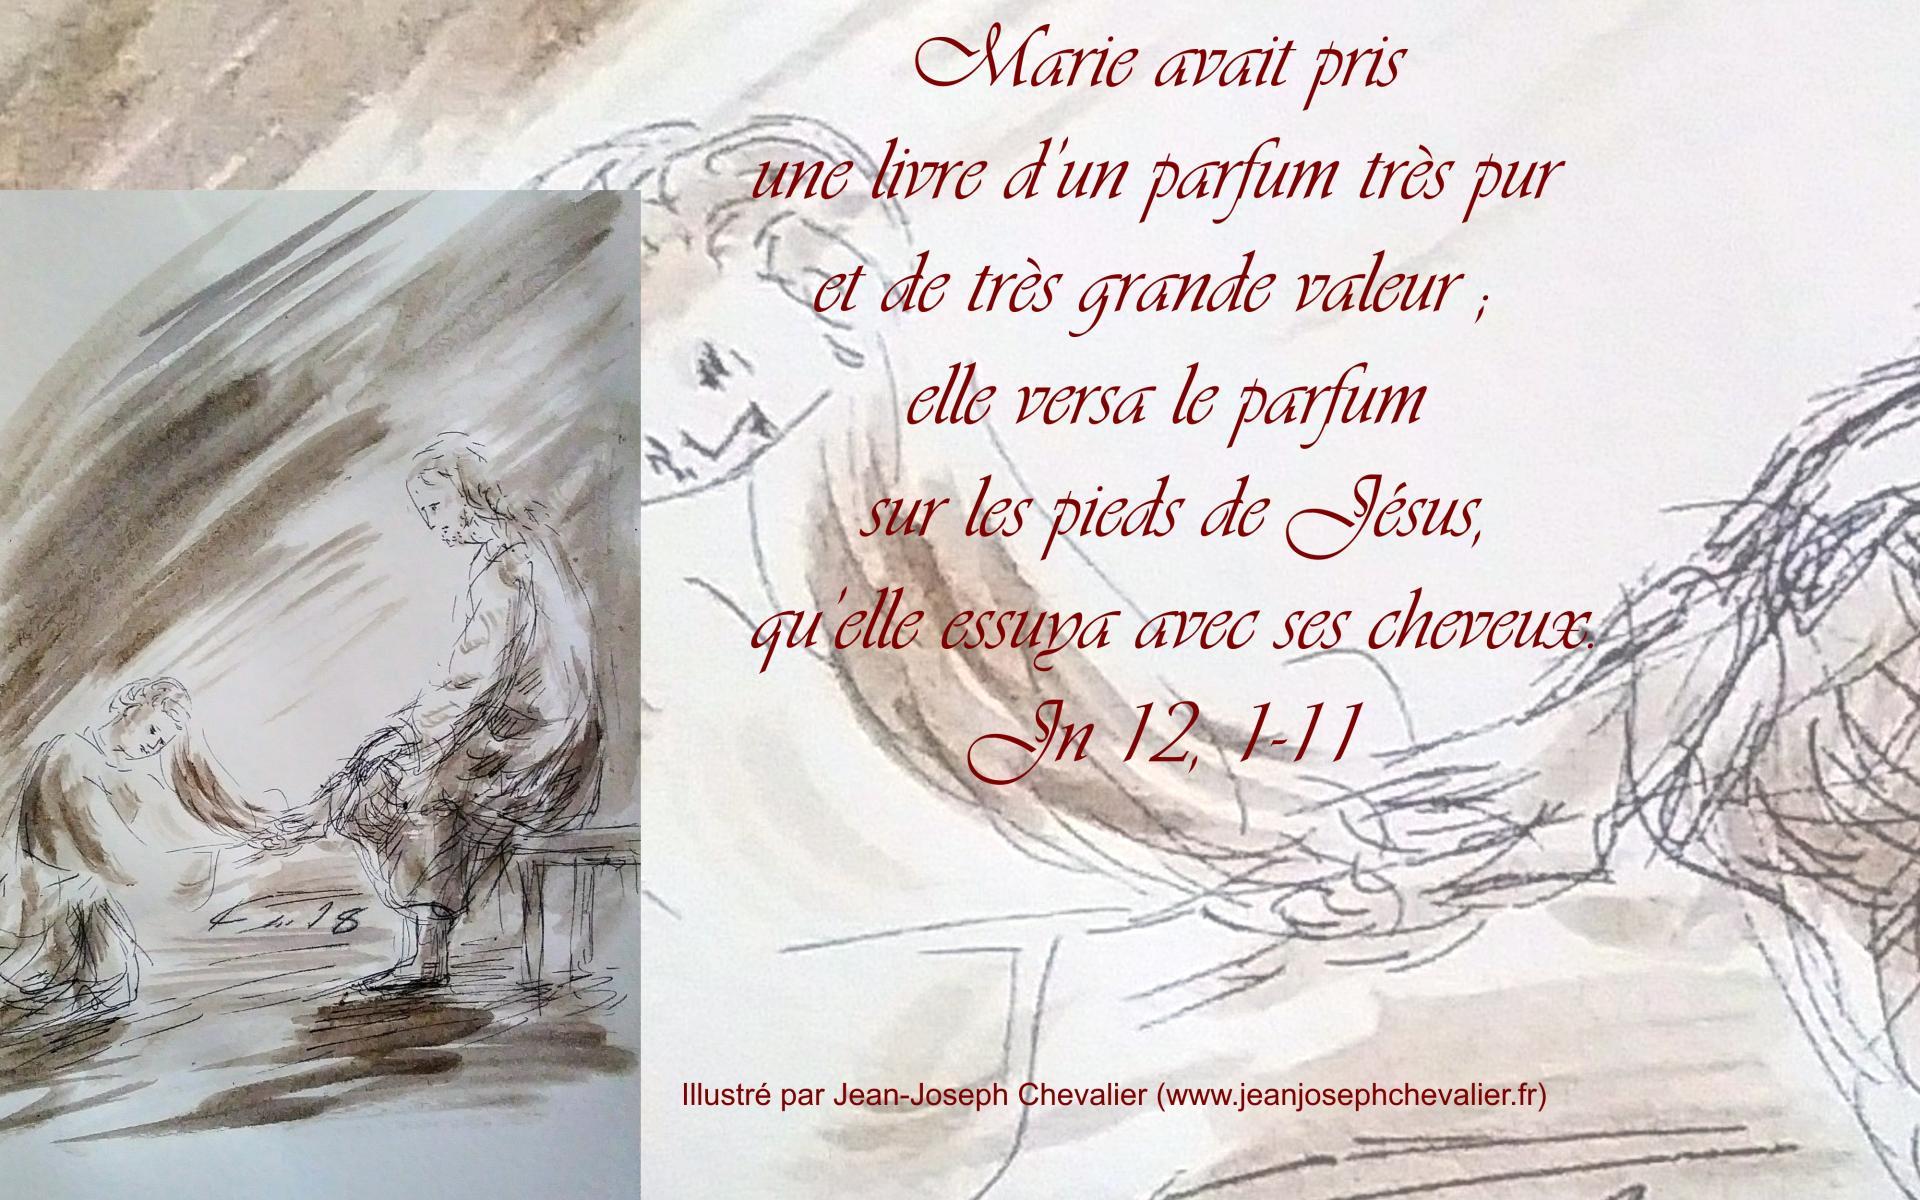 26 mars 2018 evangile du jour illustre par un dessin au lavis de jean joseph chevalier image 1